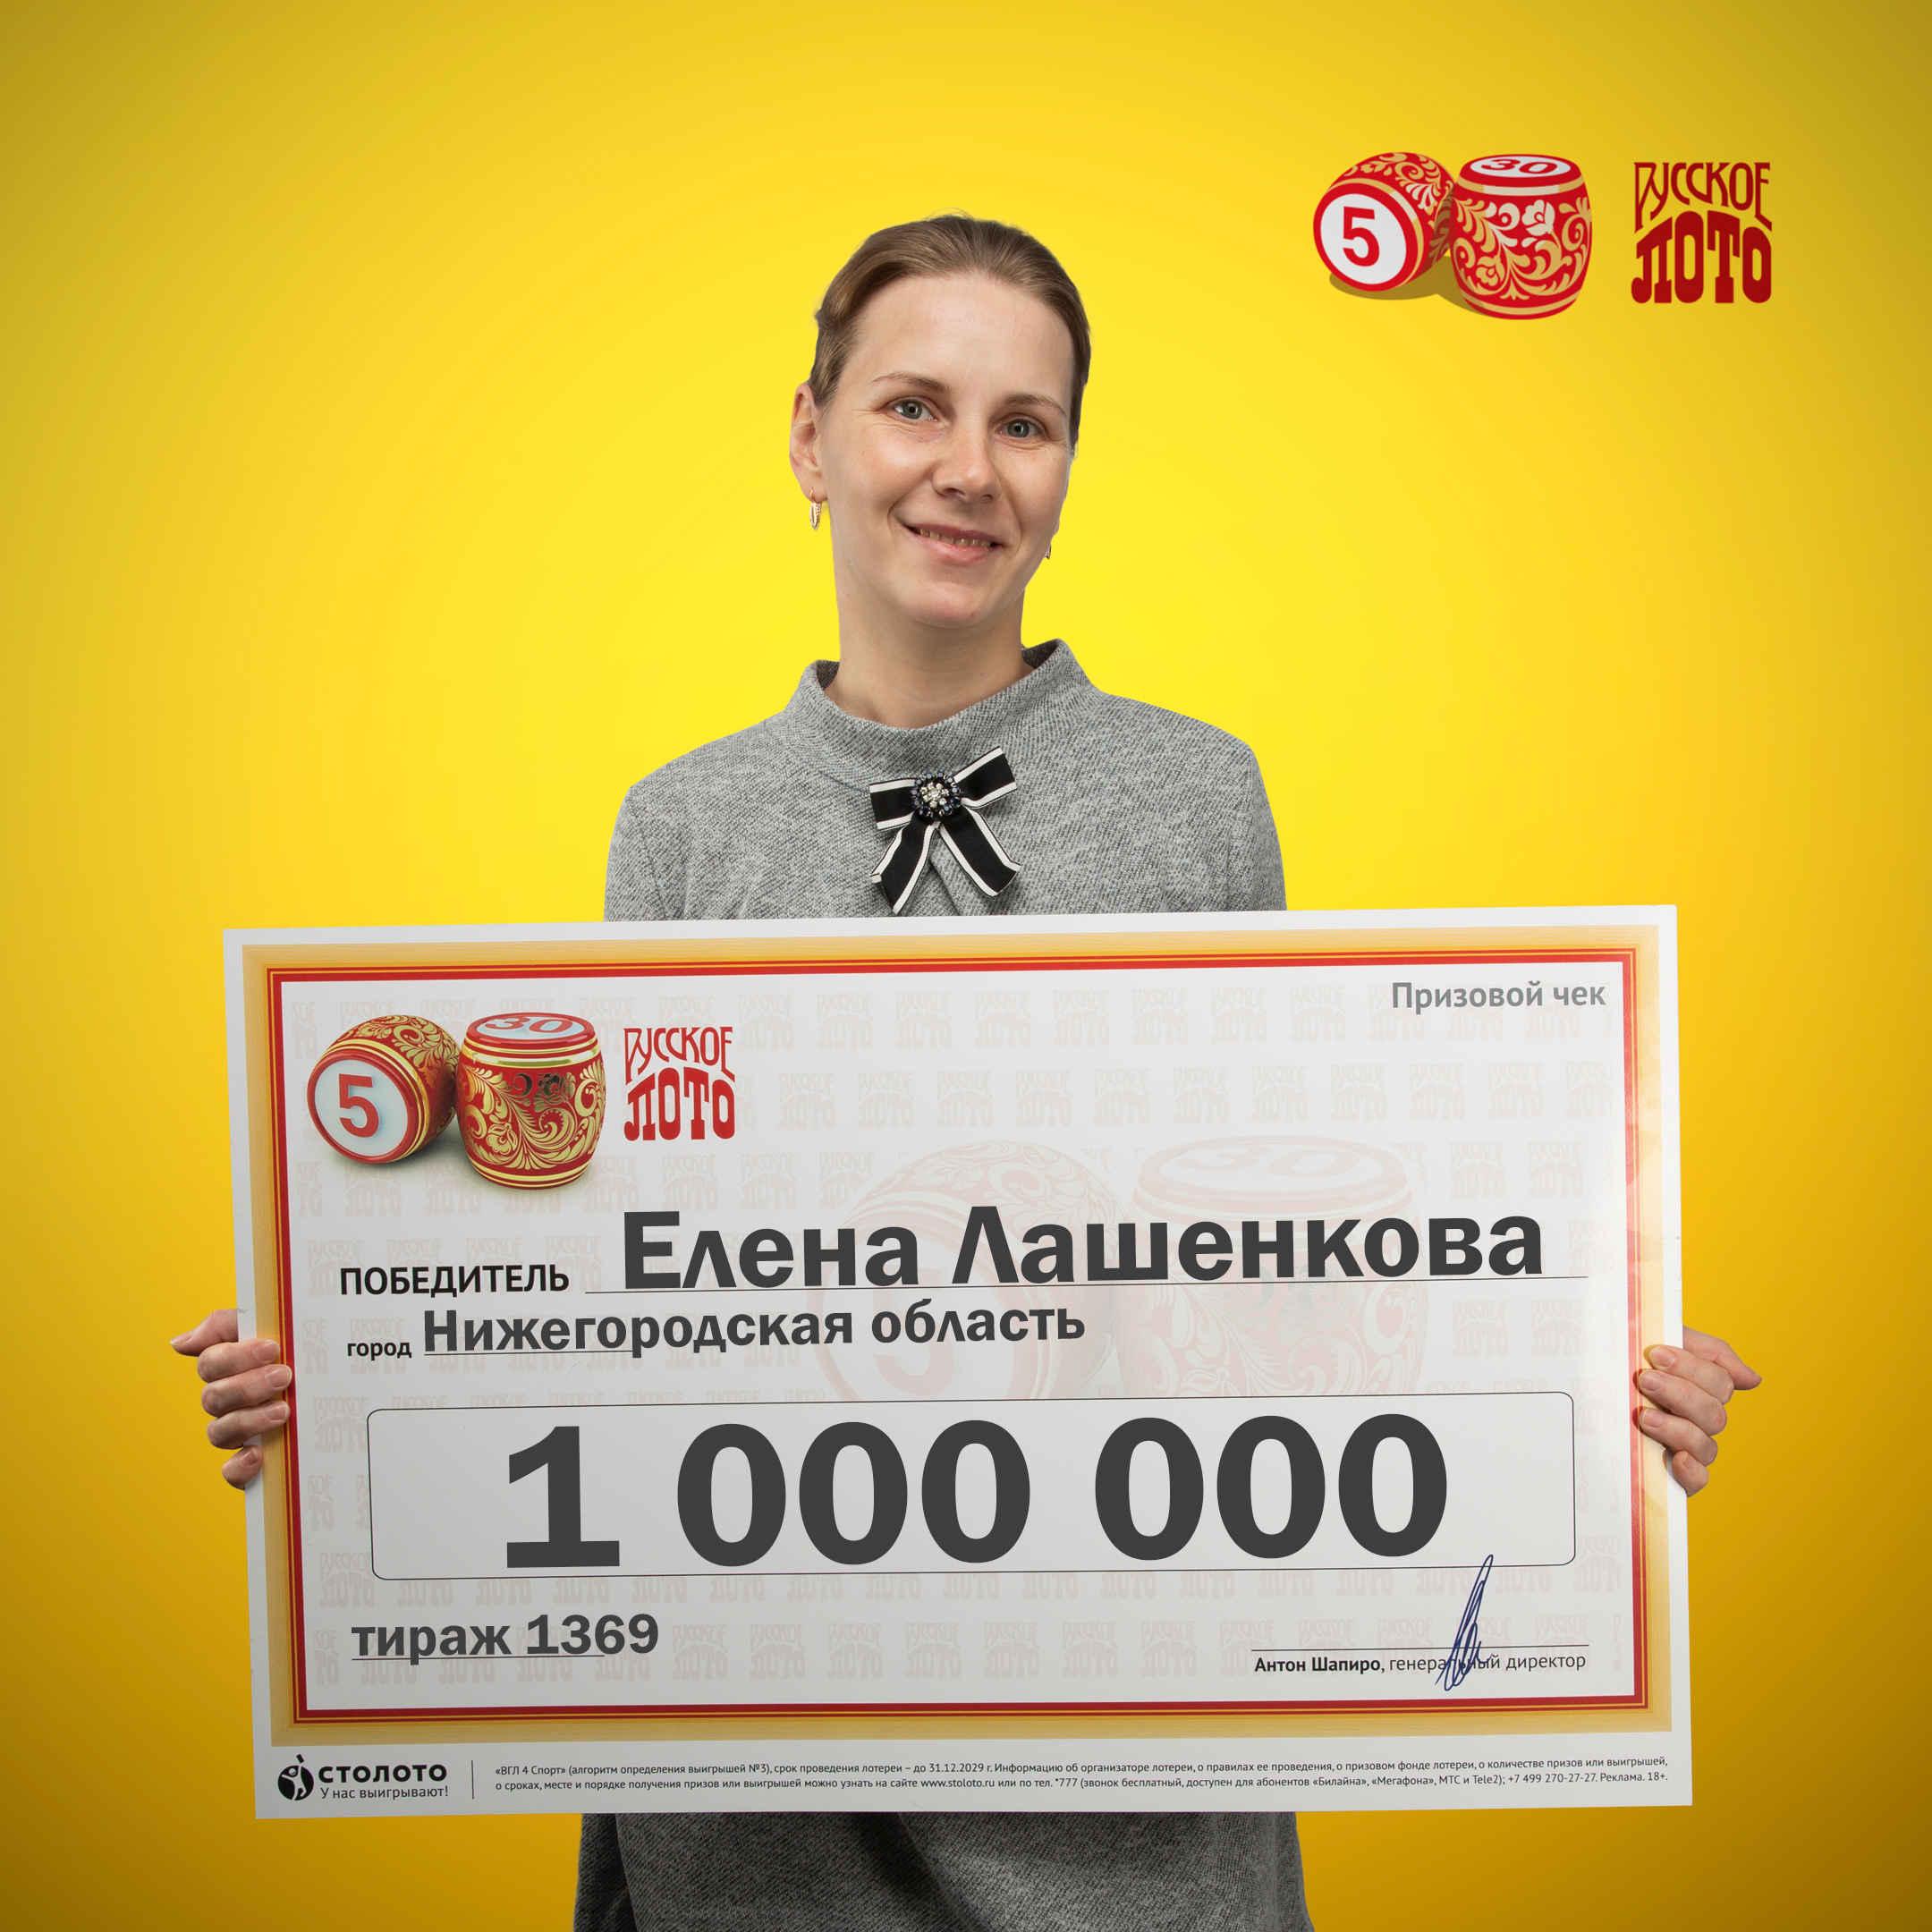 Ruský loterijní trh v 2018, výsledky roku - časová loterie